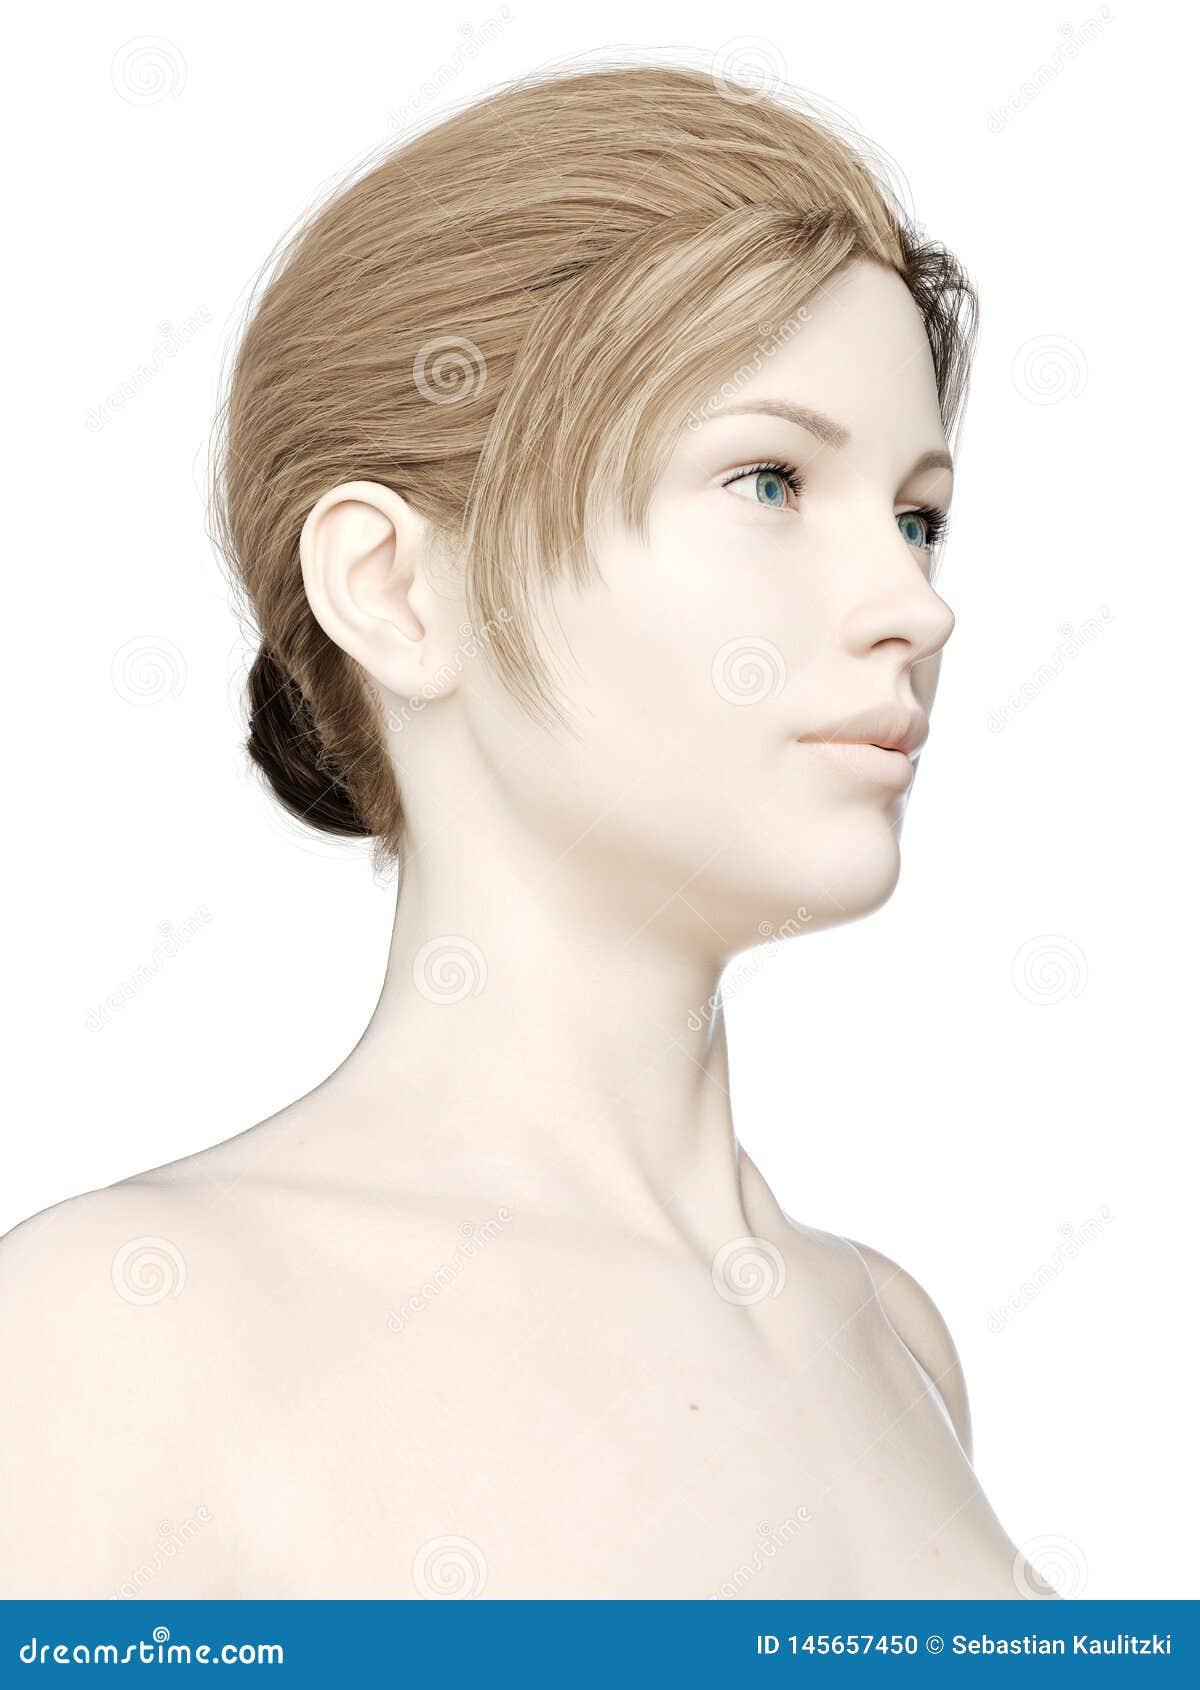 a females head